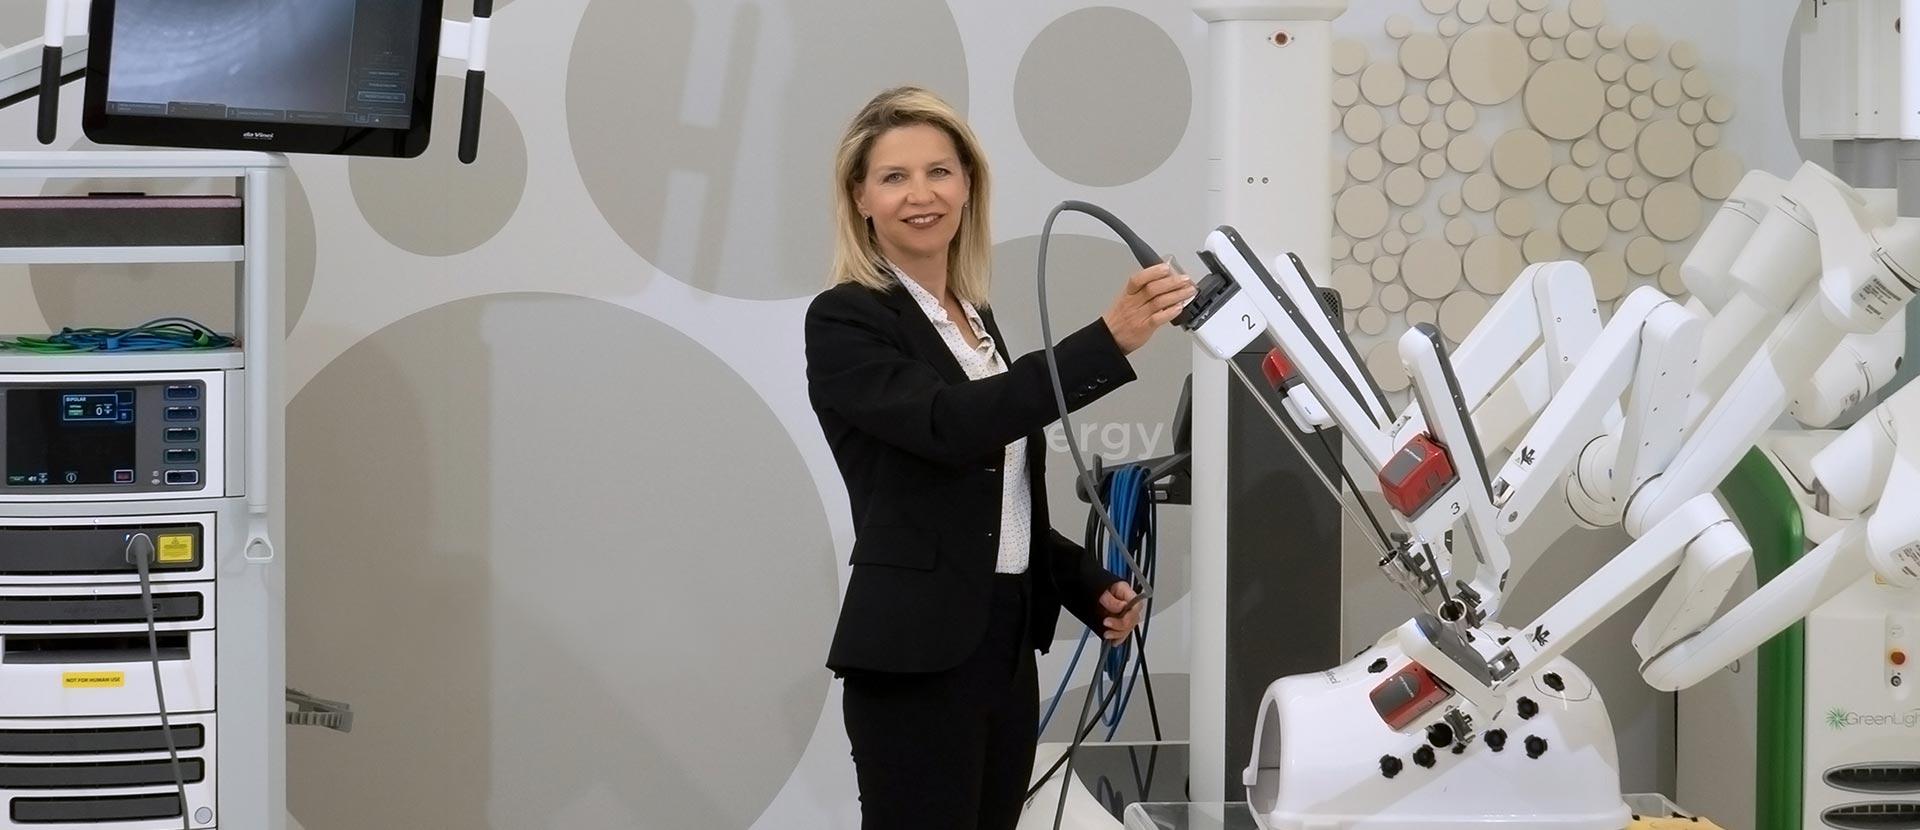 Βασιλική Χατζηραφαήλ - Χειρουργός Μαιευτήρας - Γυναικολόγος - Ρομποτική Χειρουργική